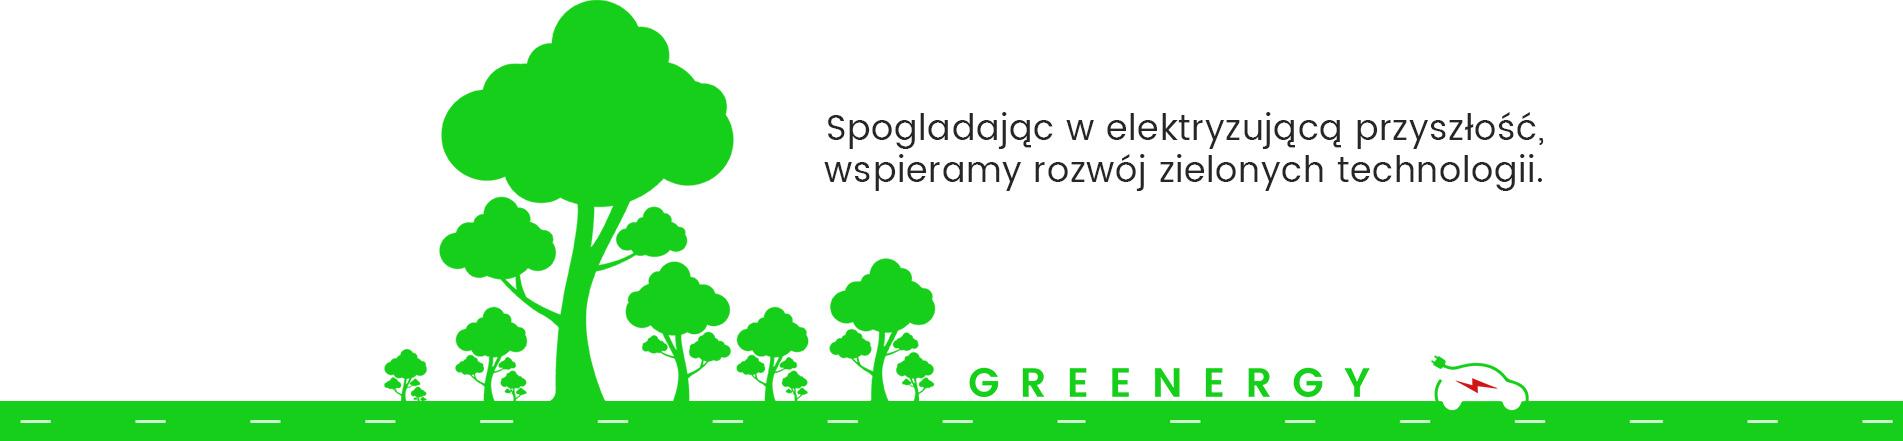 XYOS Greenergy wspieramy zielone technologie